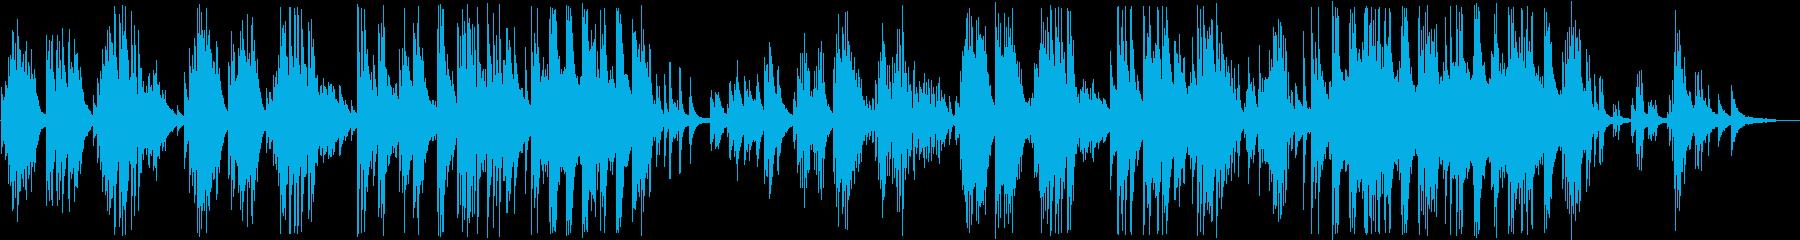 どこか懐かしい胸に響くピアノの再生済みの波形